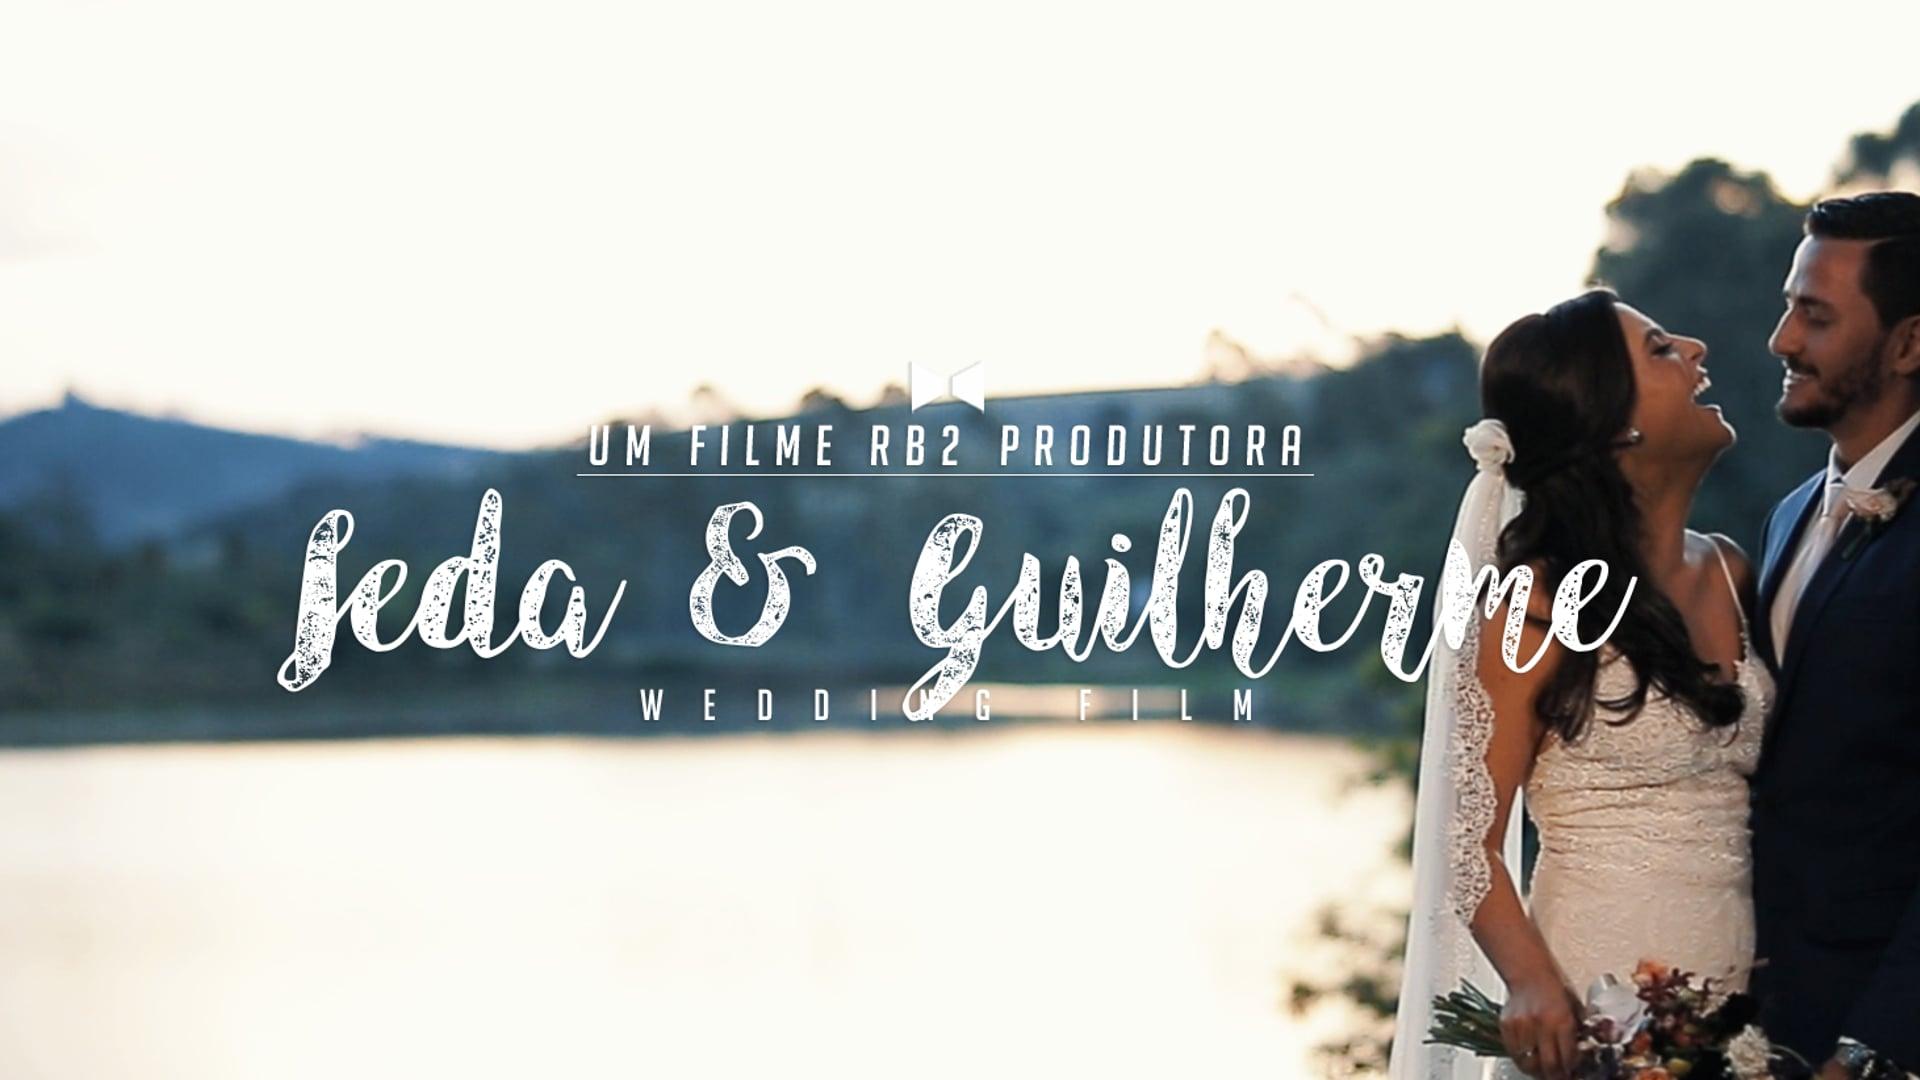 RB2 Produtora - Ieda e Guilherme - Wedding Film